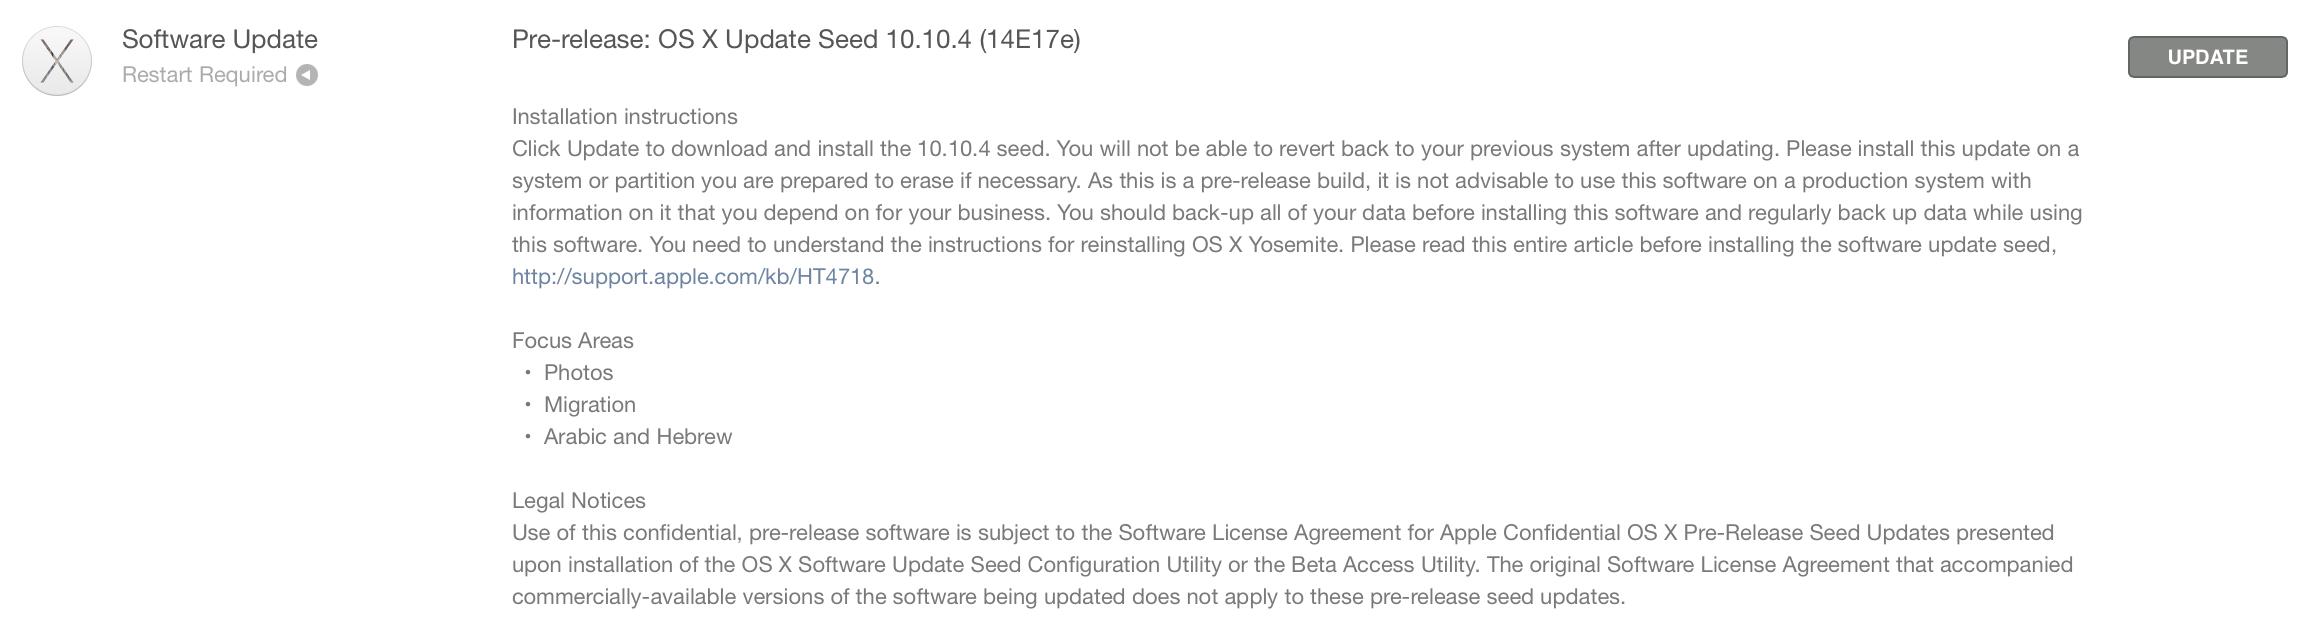 OS X 요세미티 10.10.4 베타 (14E17e) 개발자에 제공.